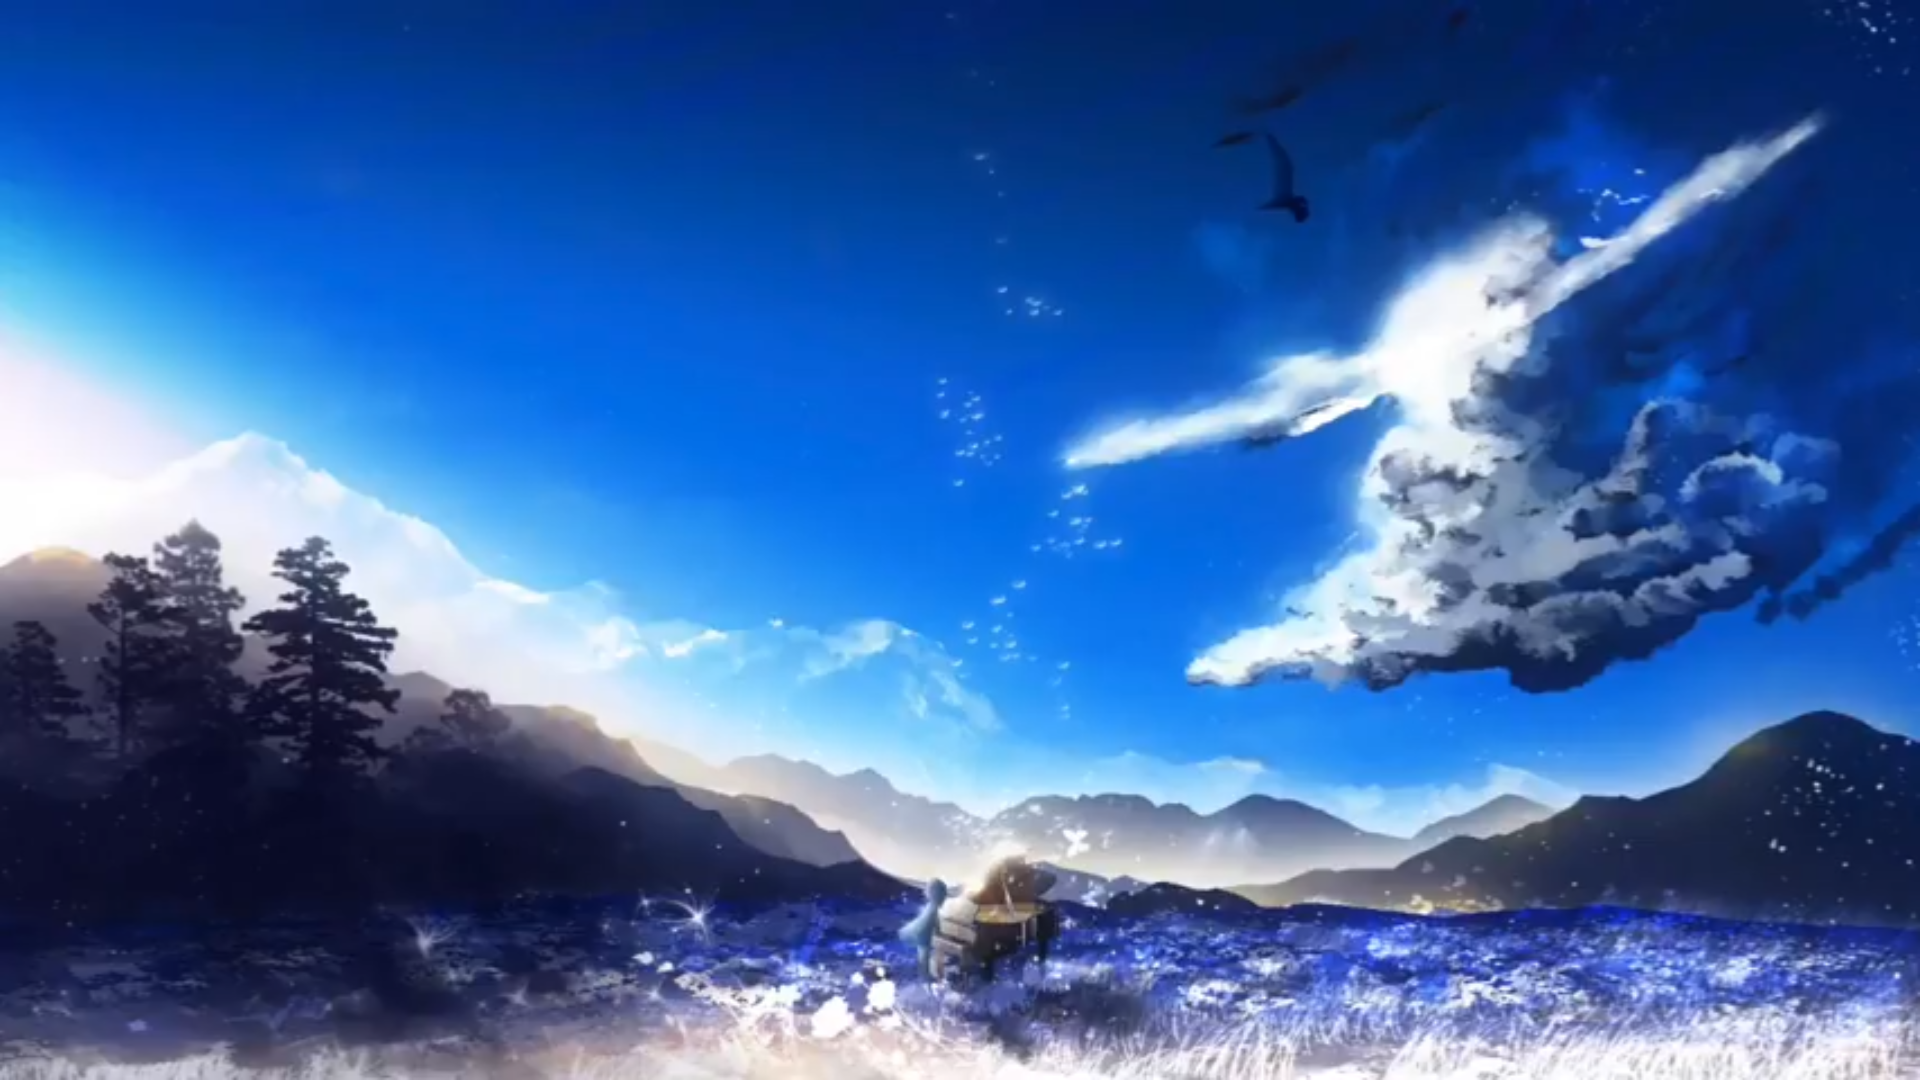 力なきもの (Chikaranaki Mono)